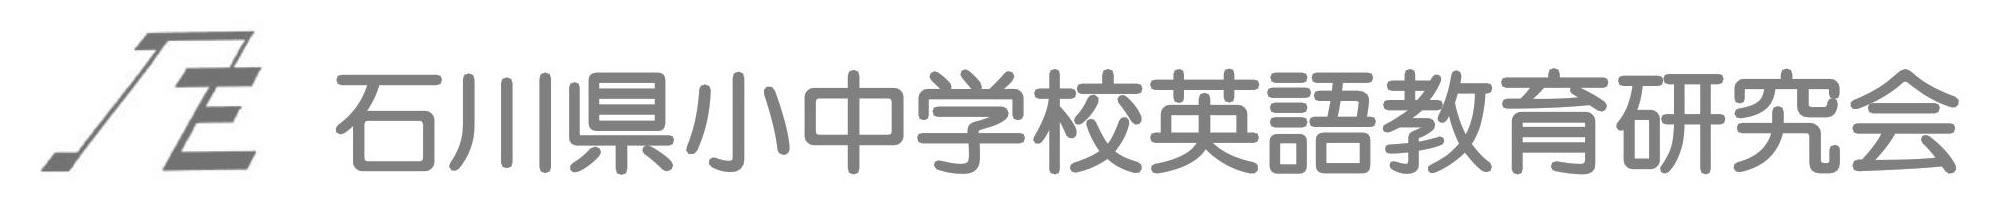 石川県小中学校英語教育研究会